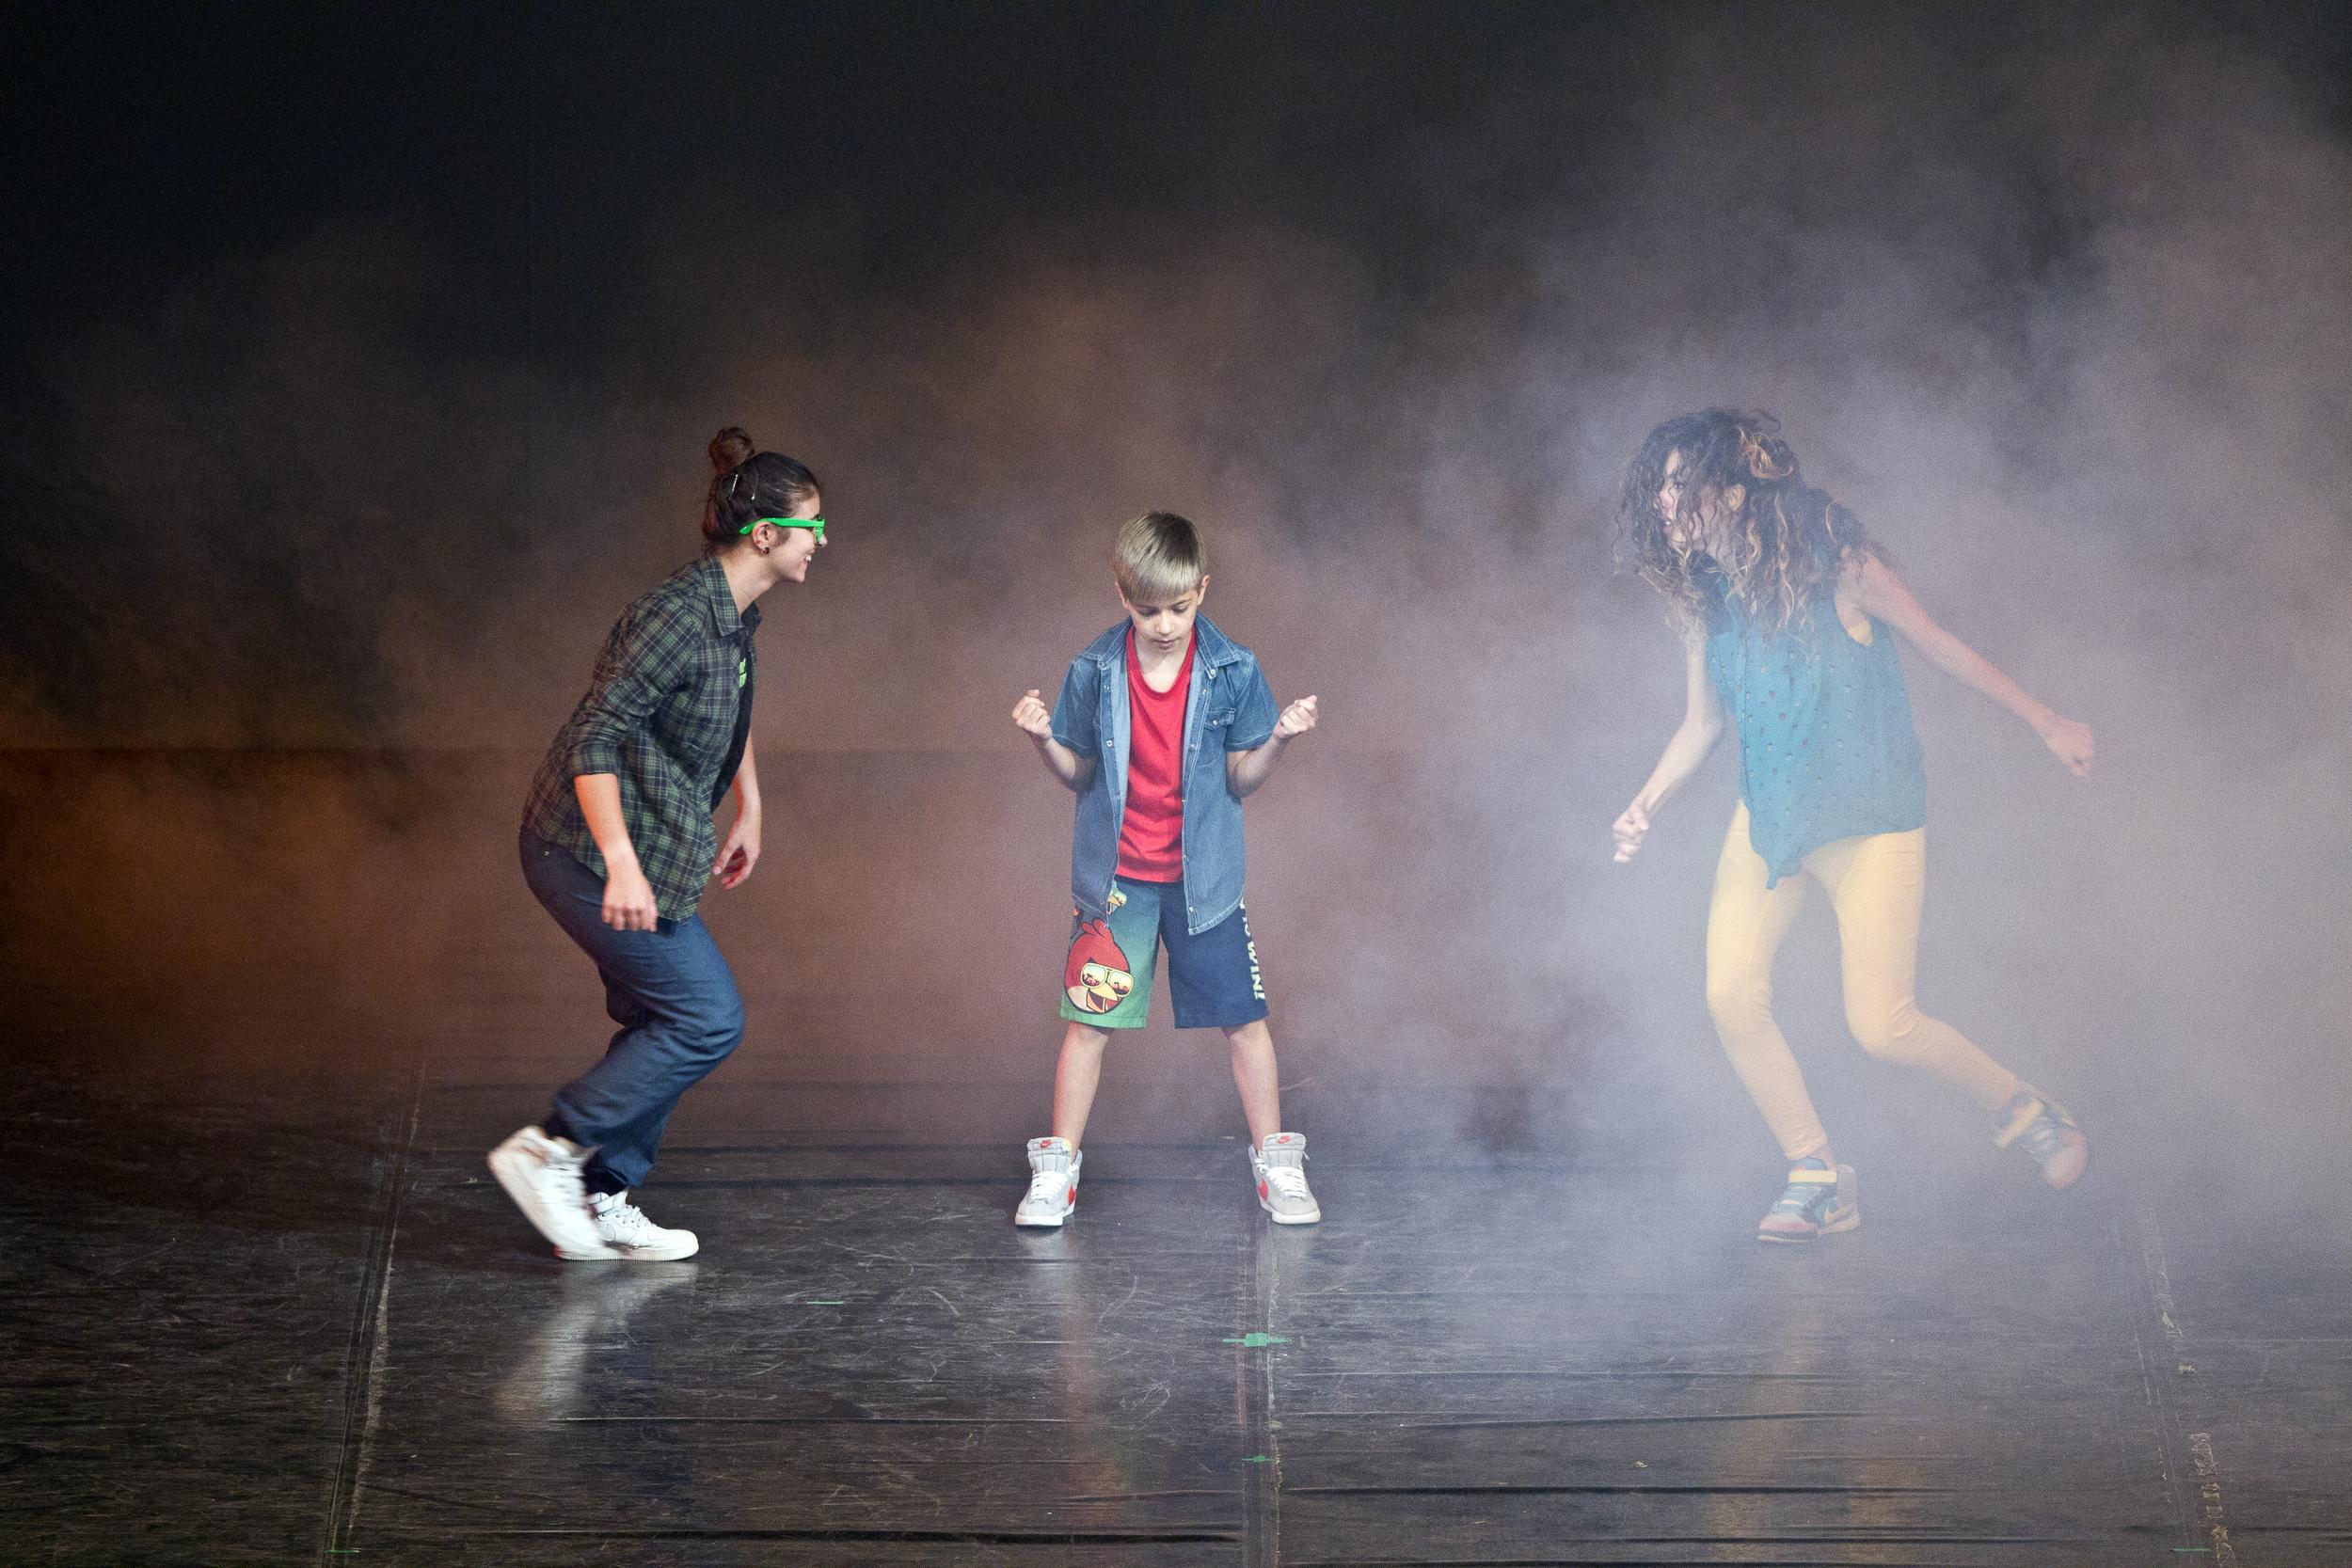 foto_saggio_di_danza (15).jpg